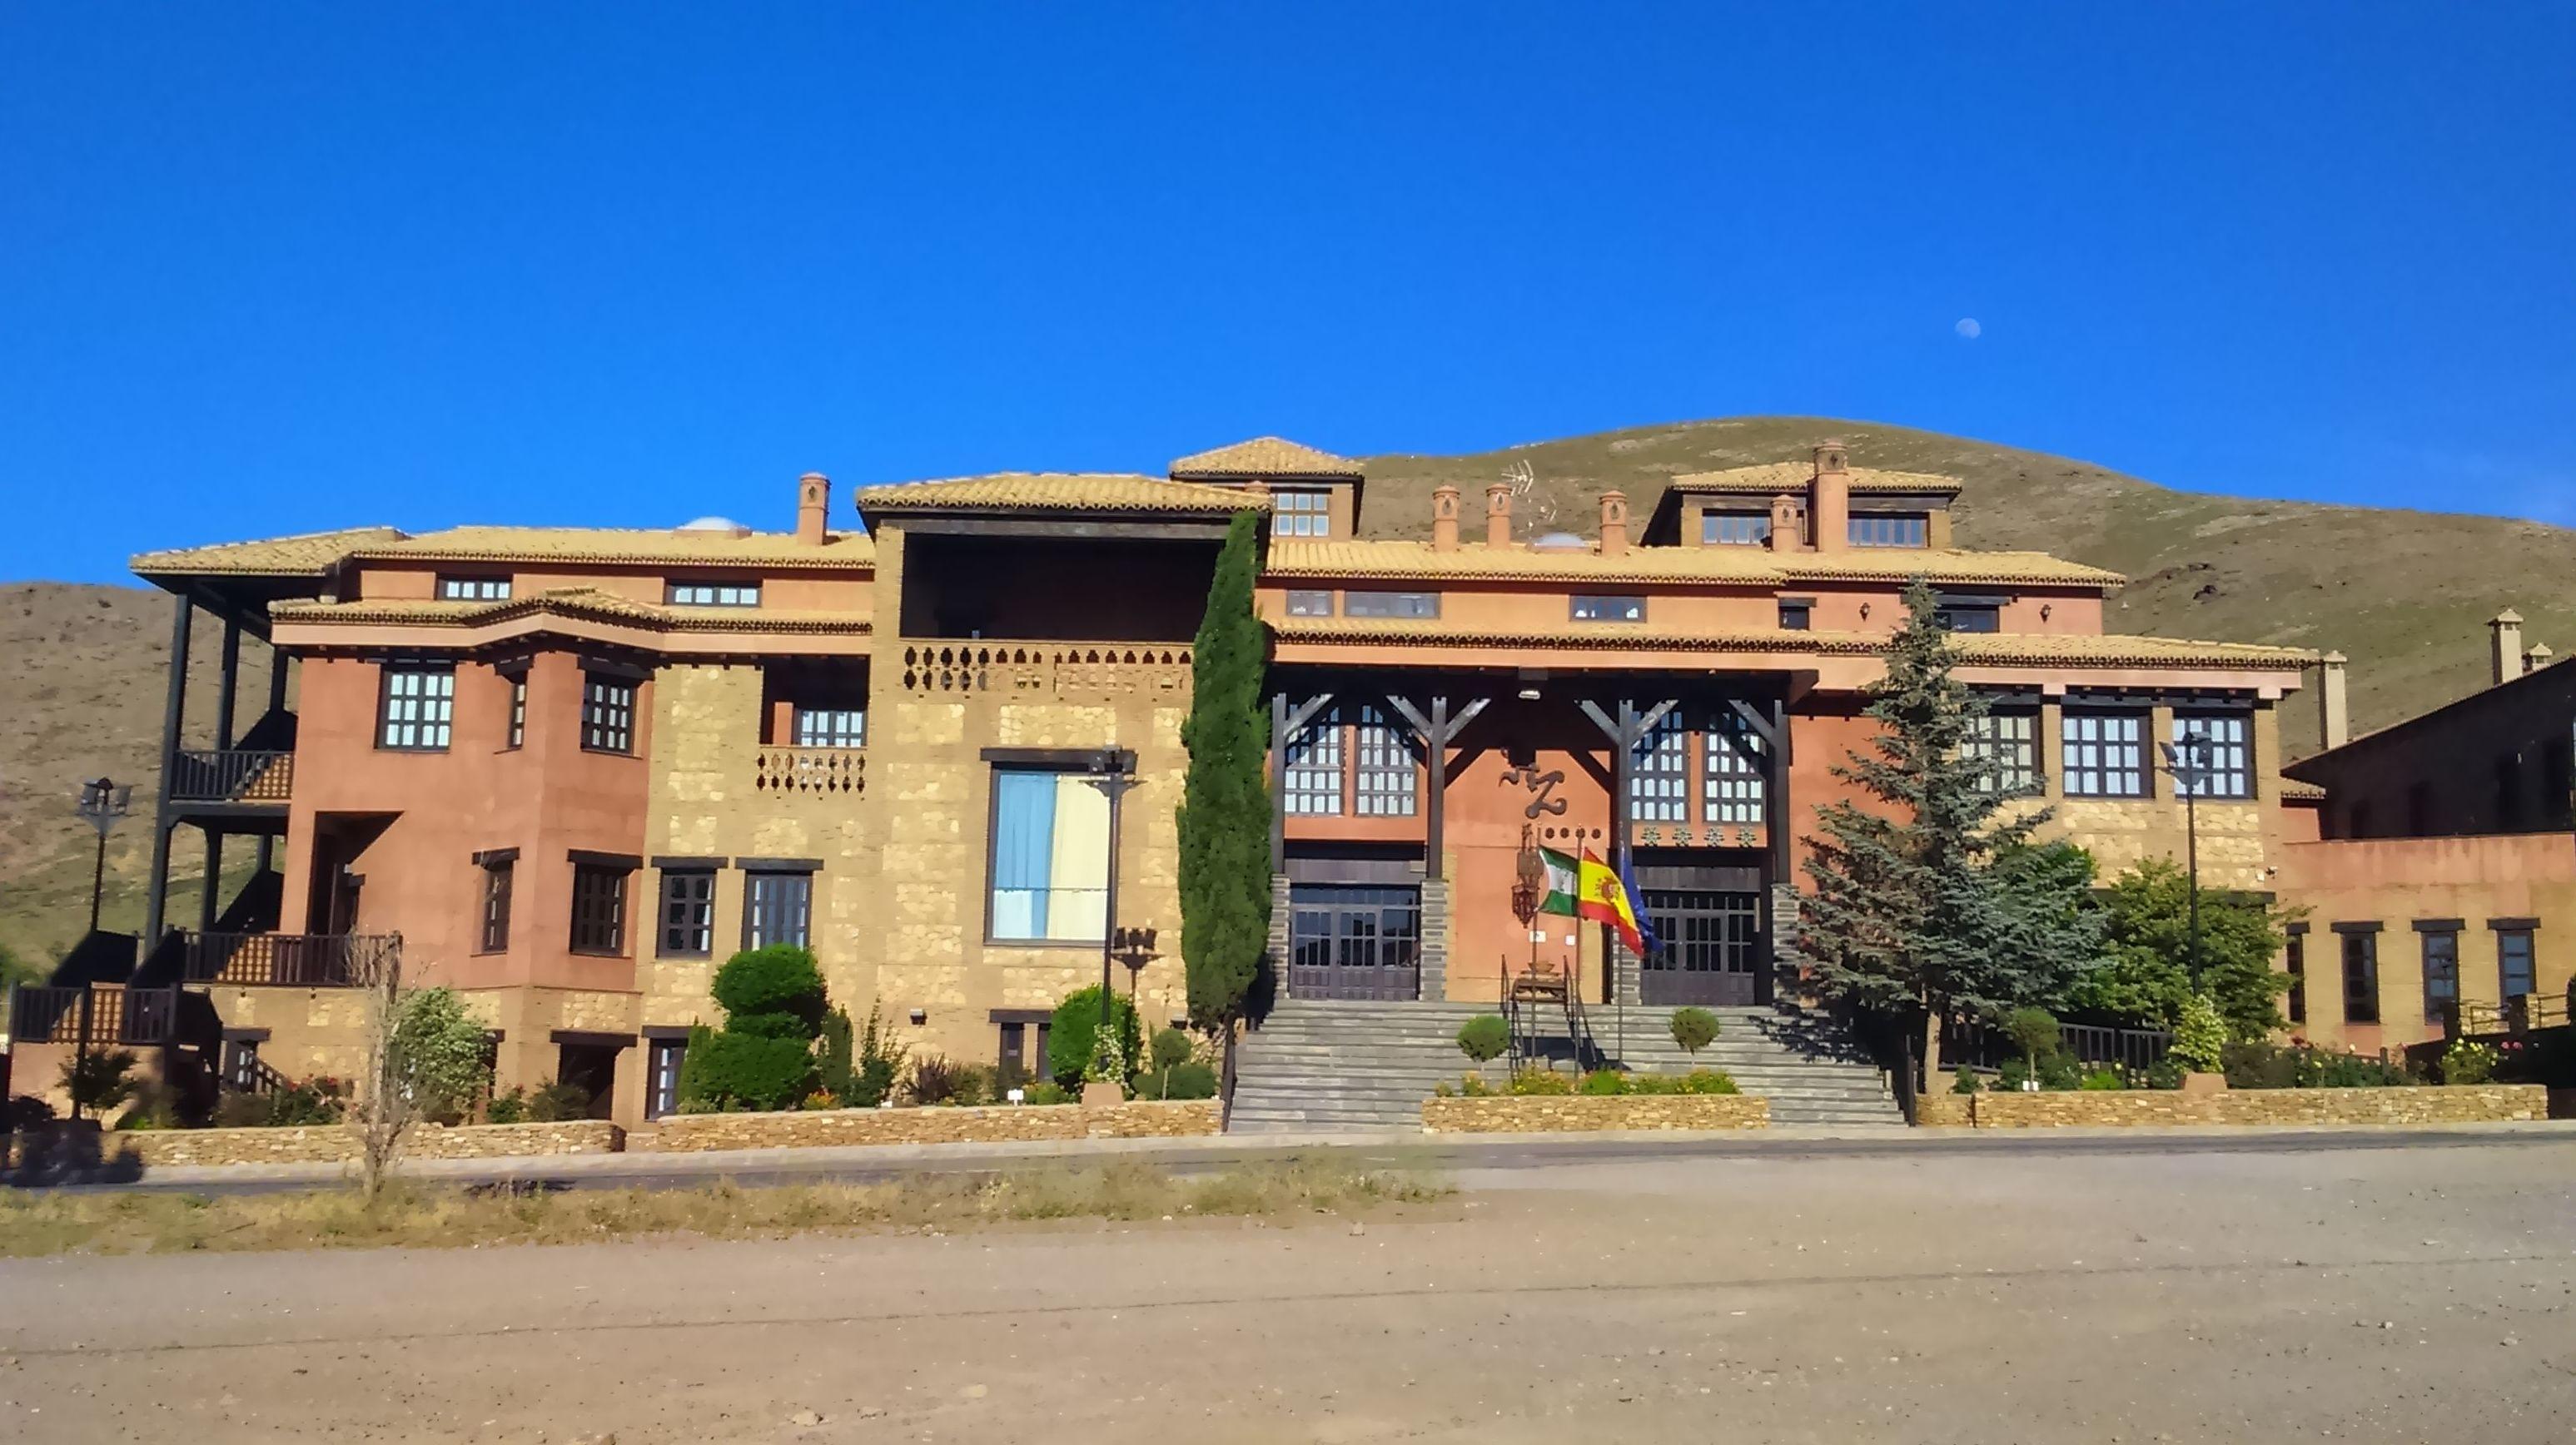 HOSPEDERÍA DEL ZENETE (HOTEL * * * * ) - LA CALAHORRA (GRANADA) - DIRECCIÓN DE OBRA